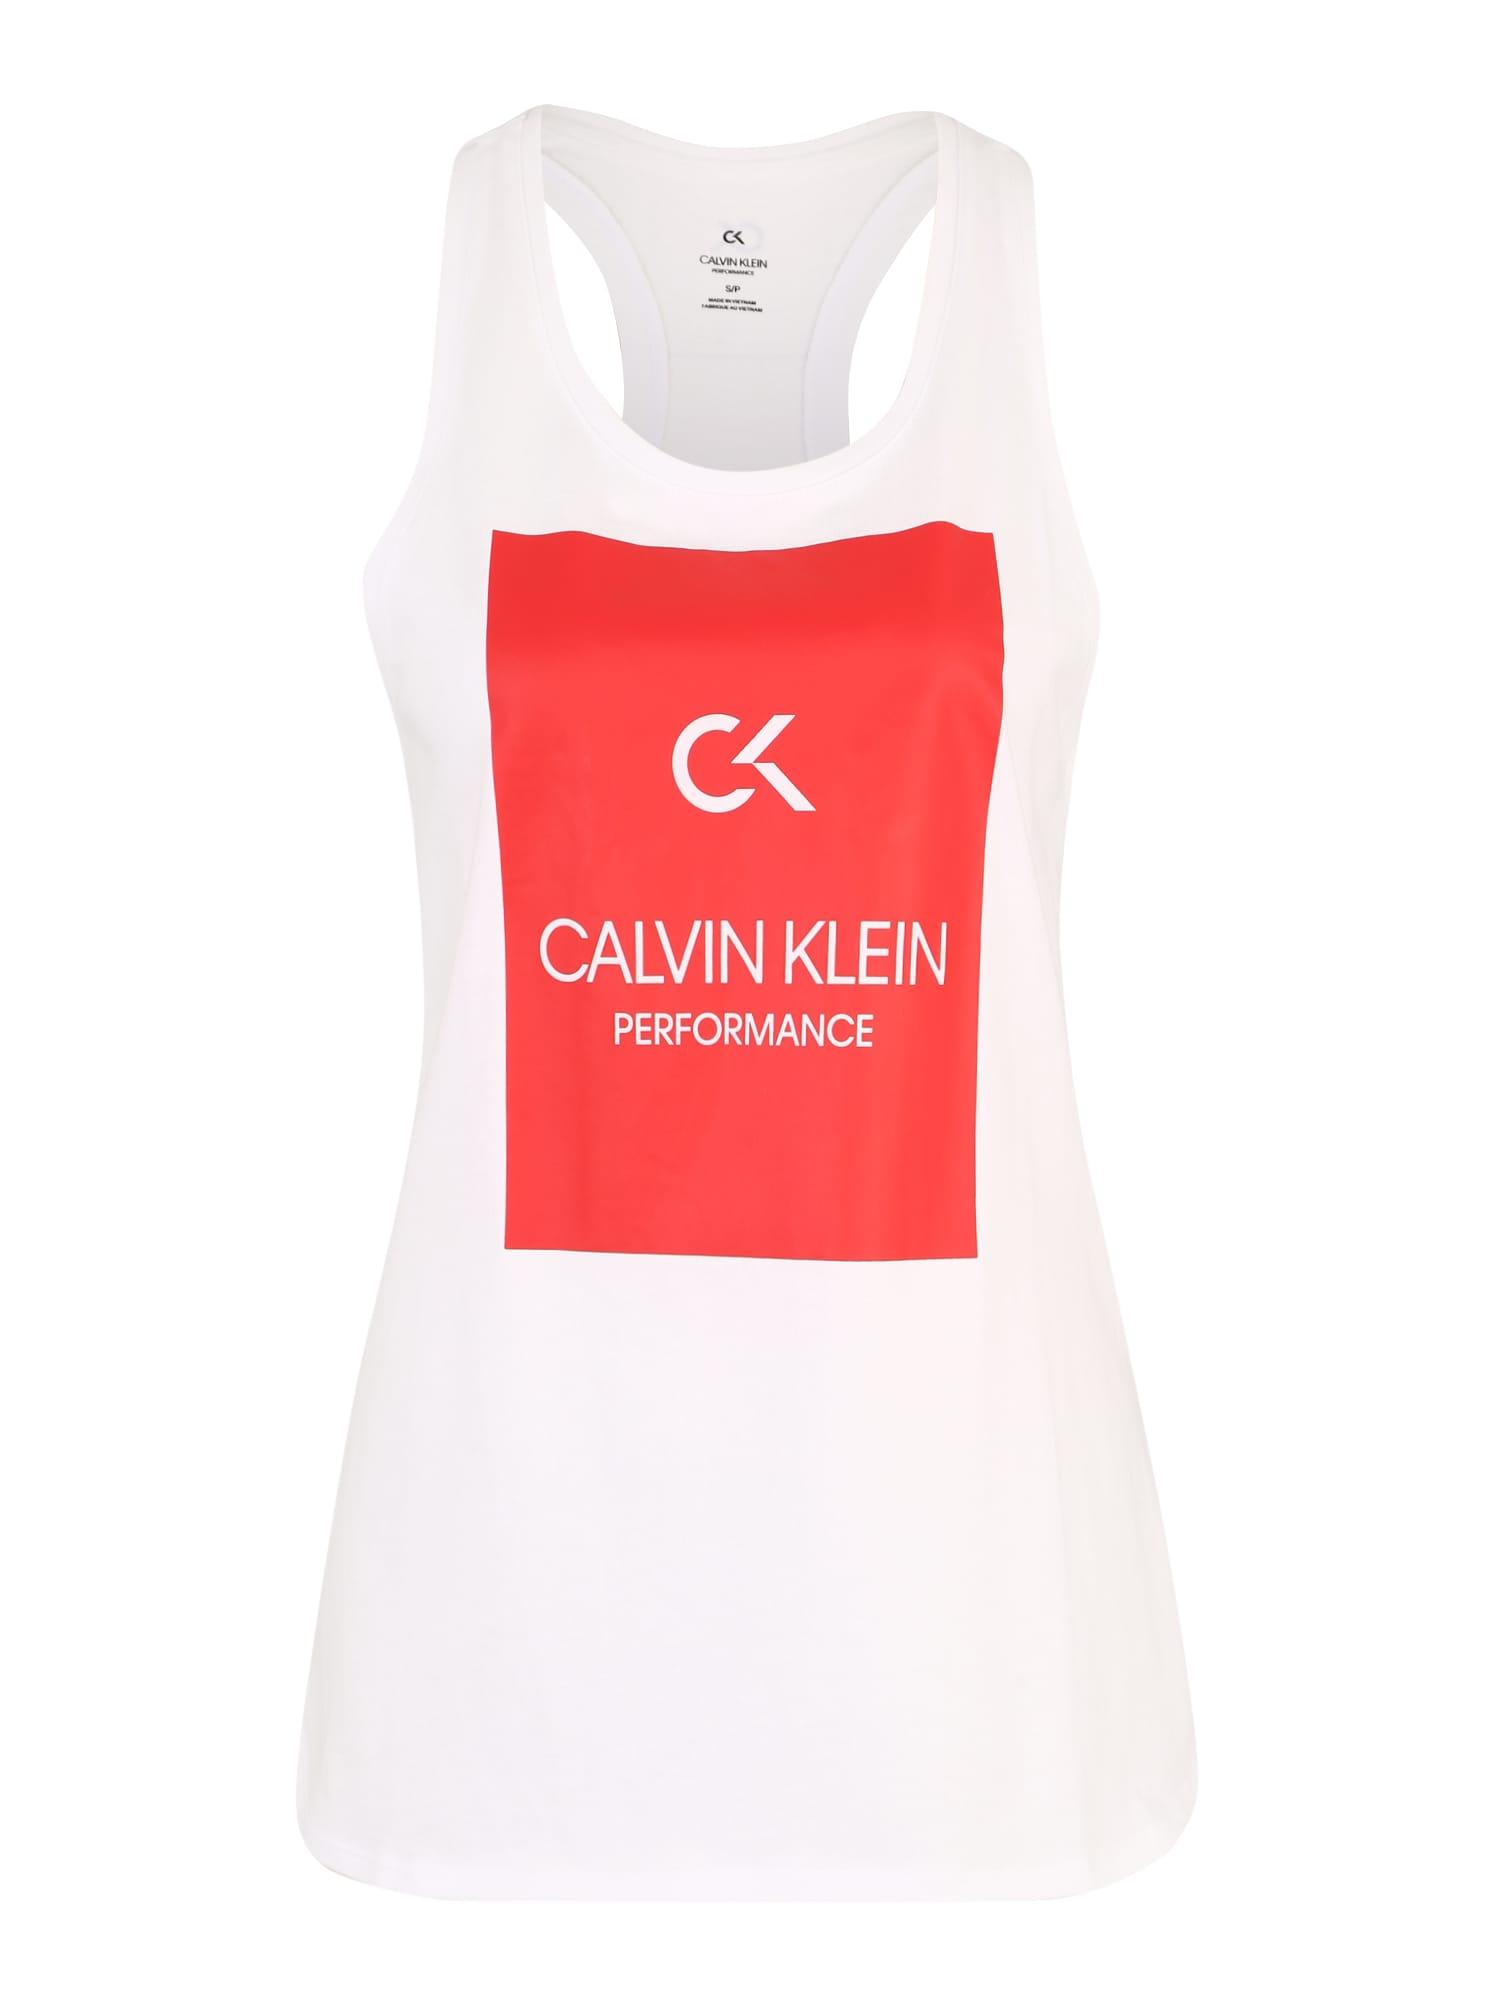 Sportovní top BILLBOARD červená bílá Calvin Klein Performance